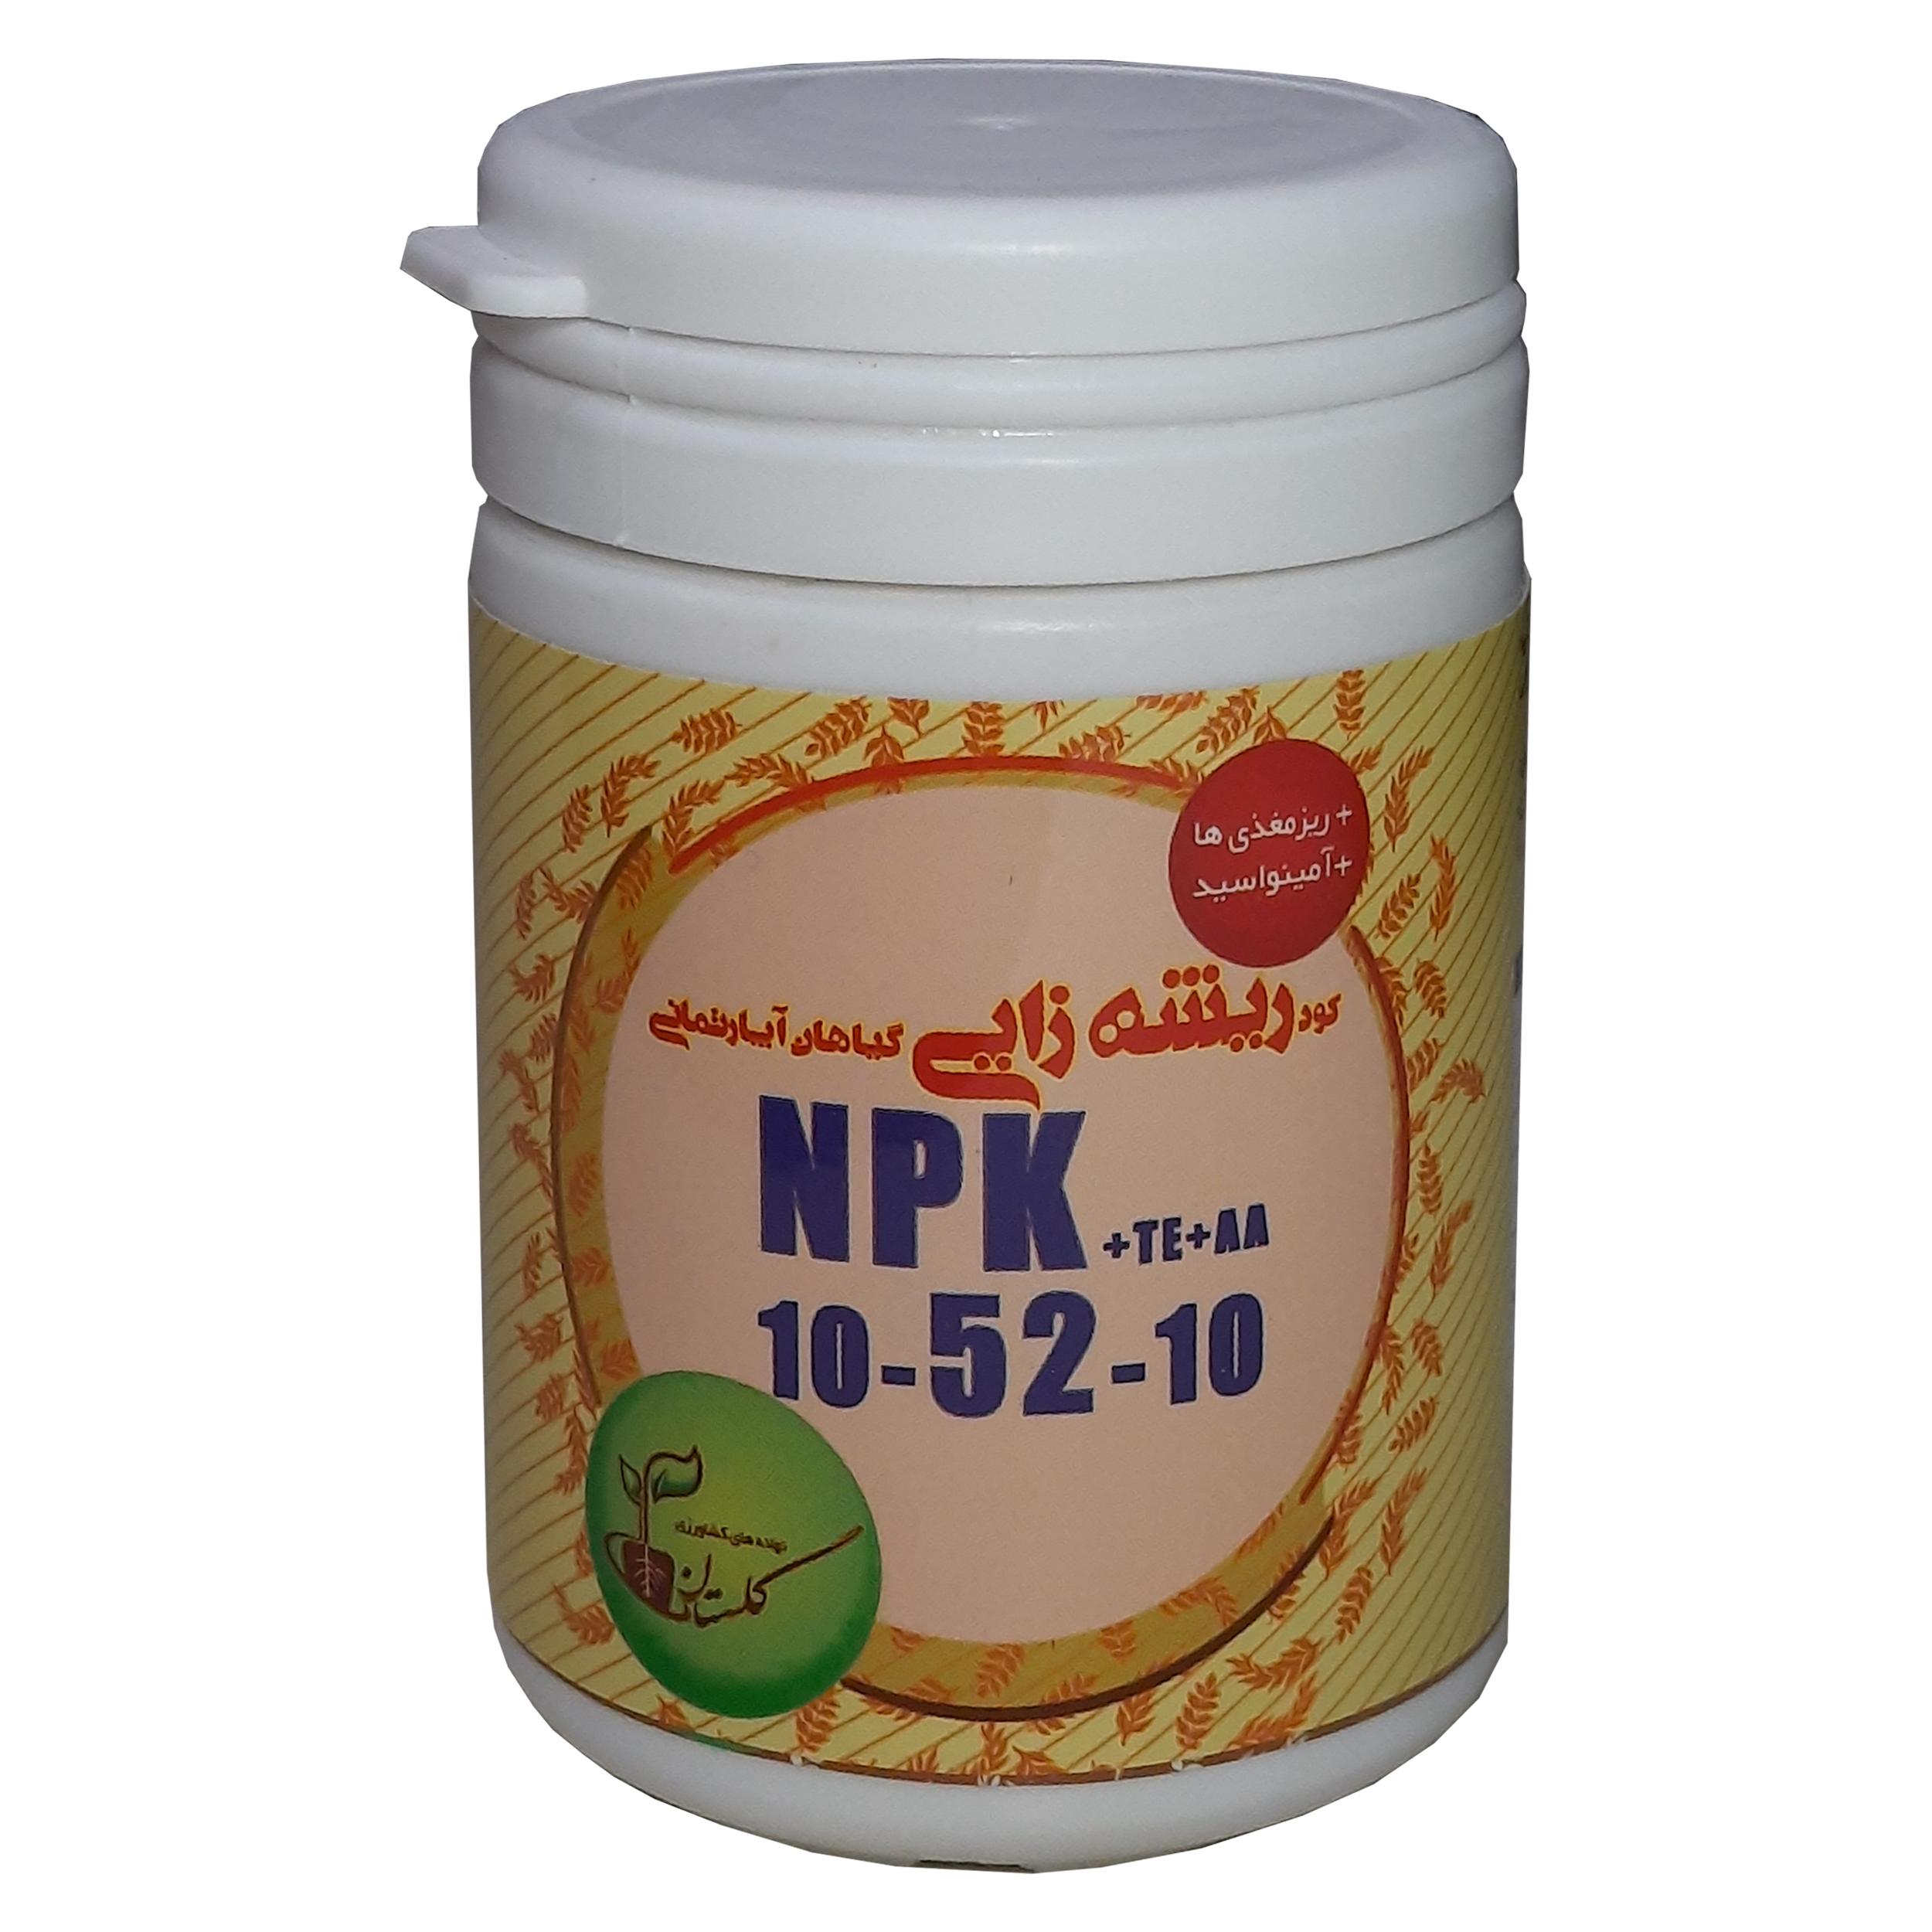 کود ریشه زایی گلستان مدل 10-52-10 NPK وزن 220 گرم